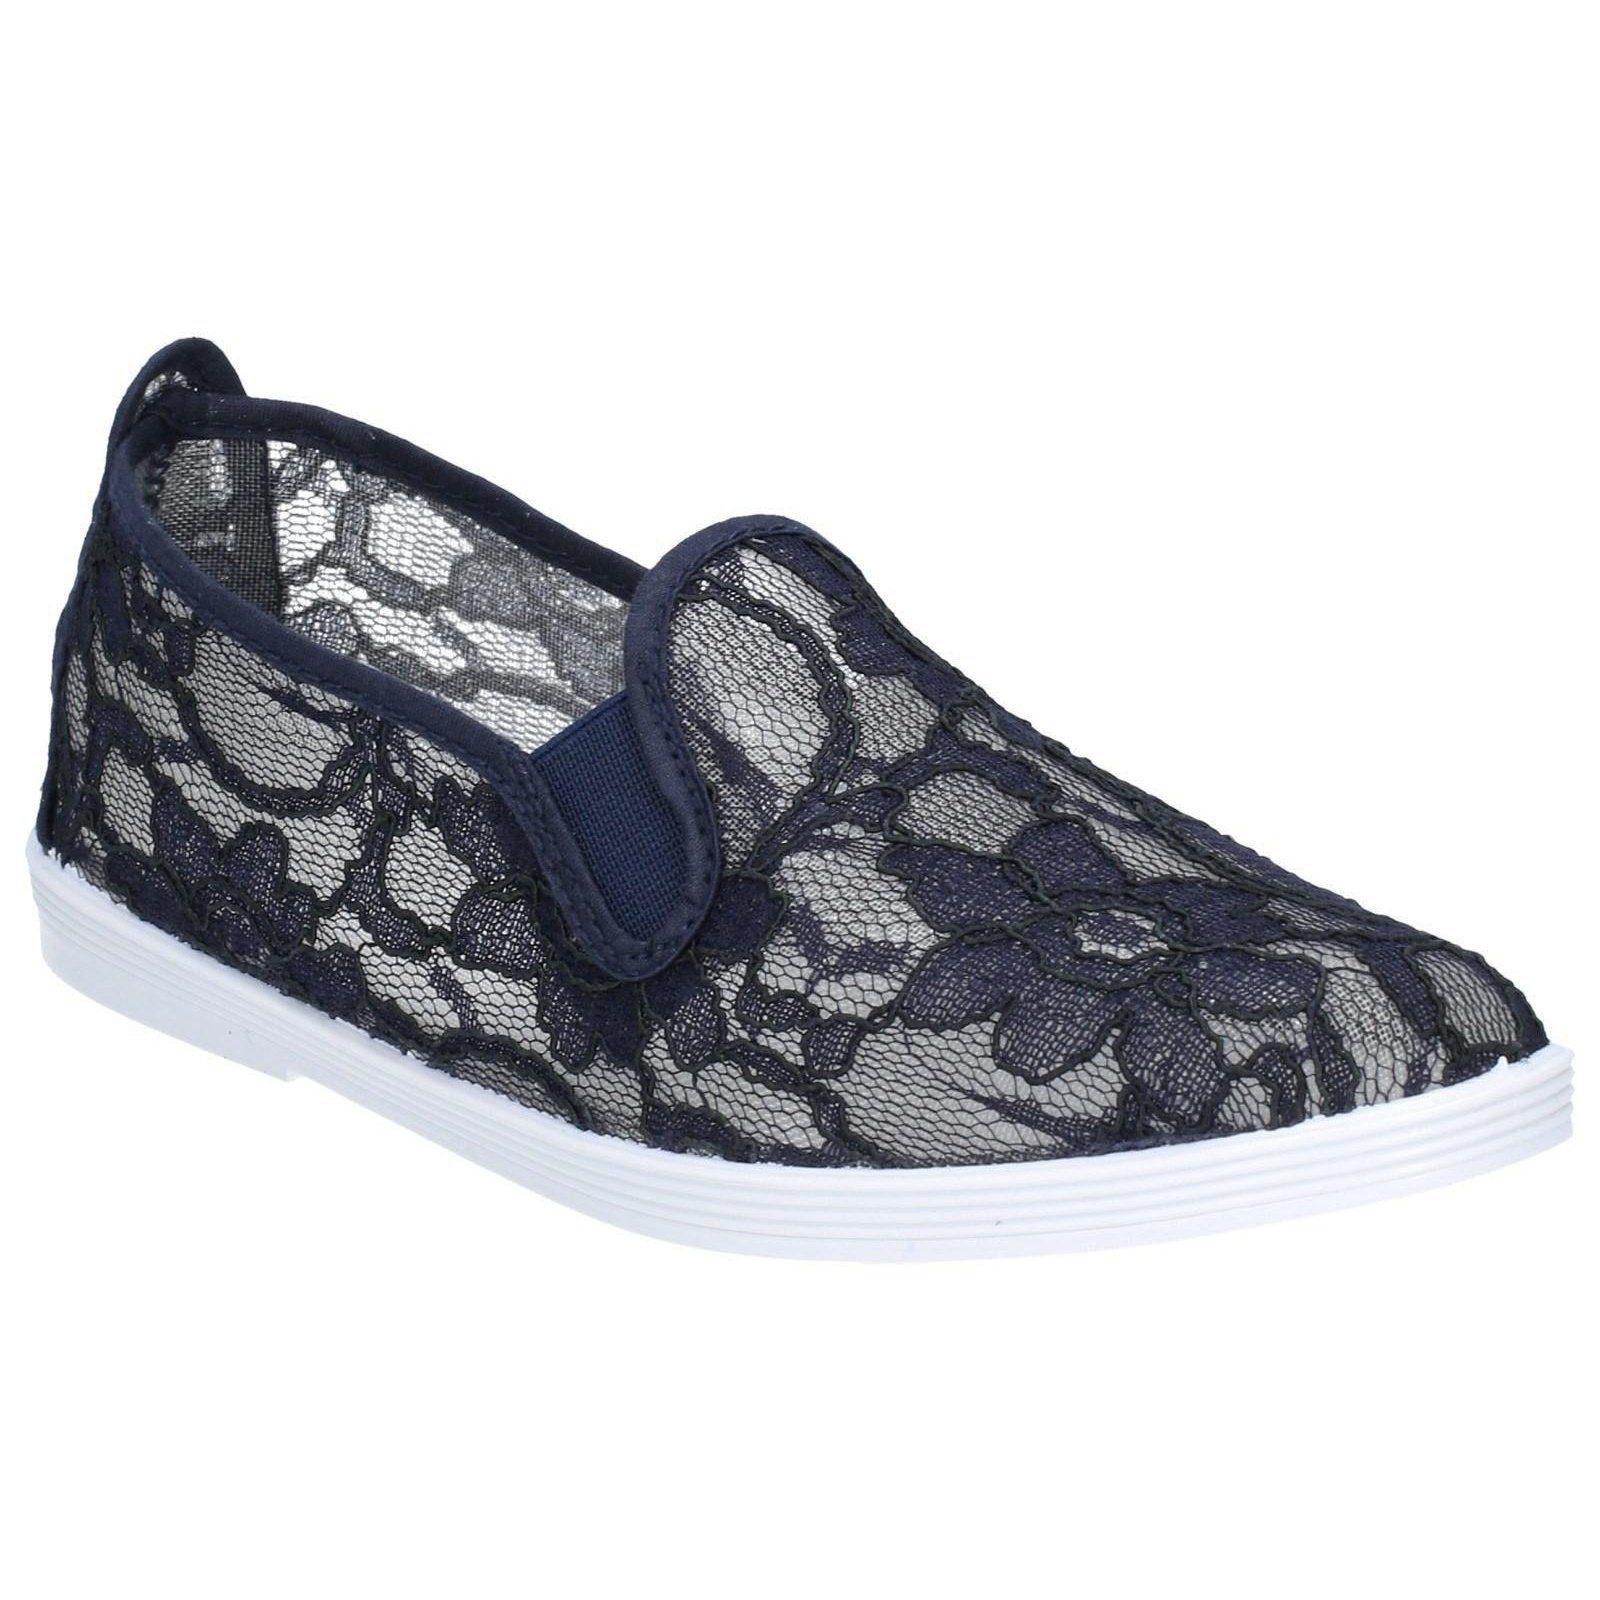 Flossy Instappers Damen Bimba Slip On Schuh Koop Je Bij - Geweldige Prijs